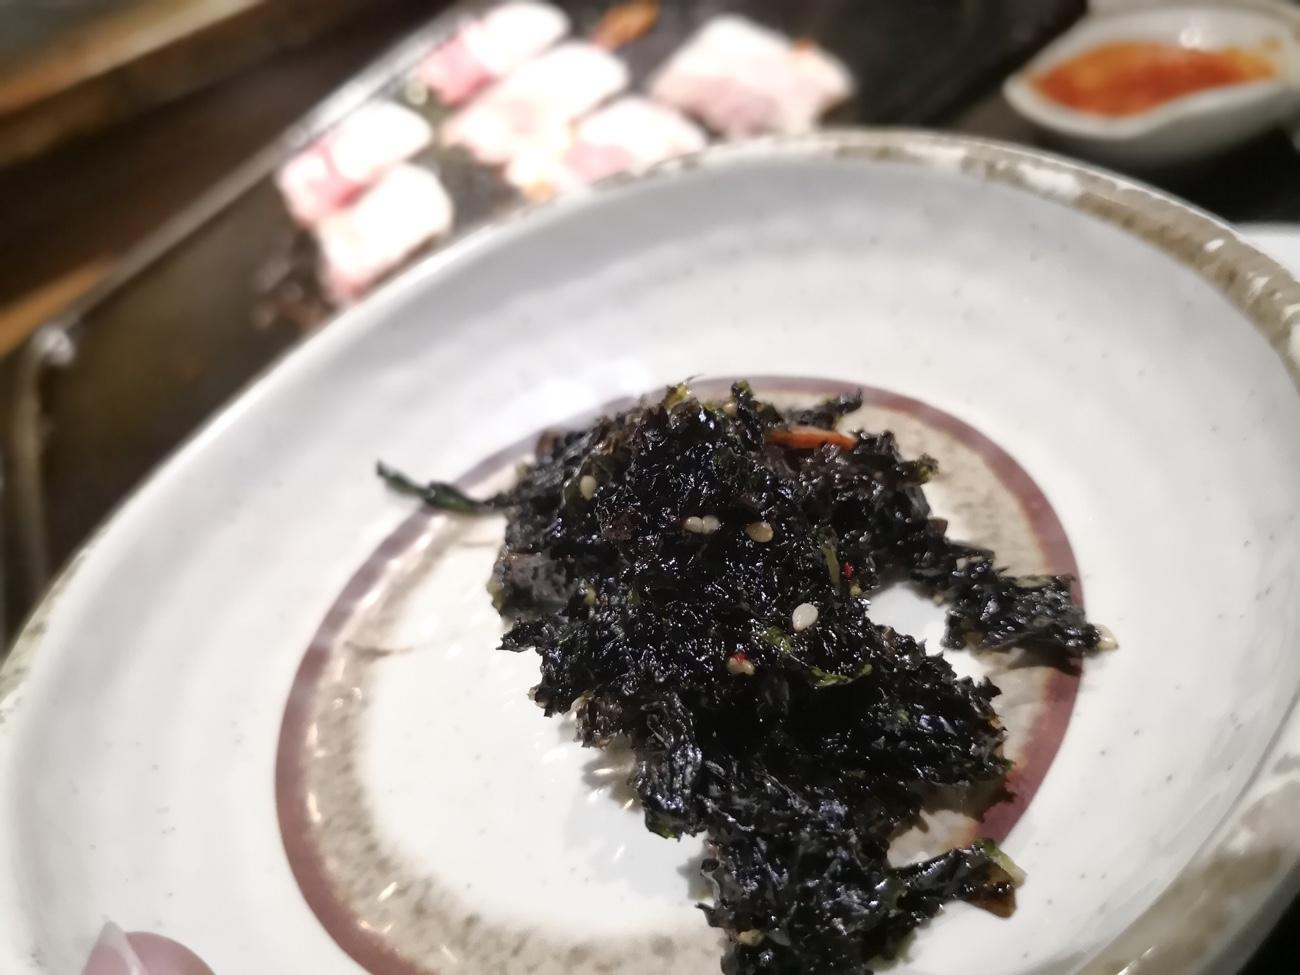 韓国海苔の佃煮 新大久保ランチ食べ放題